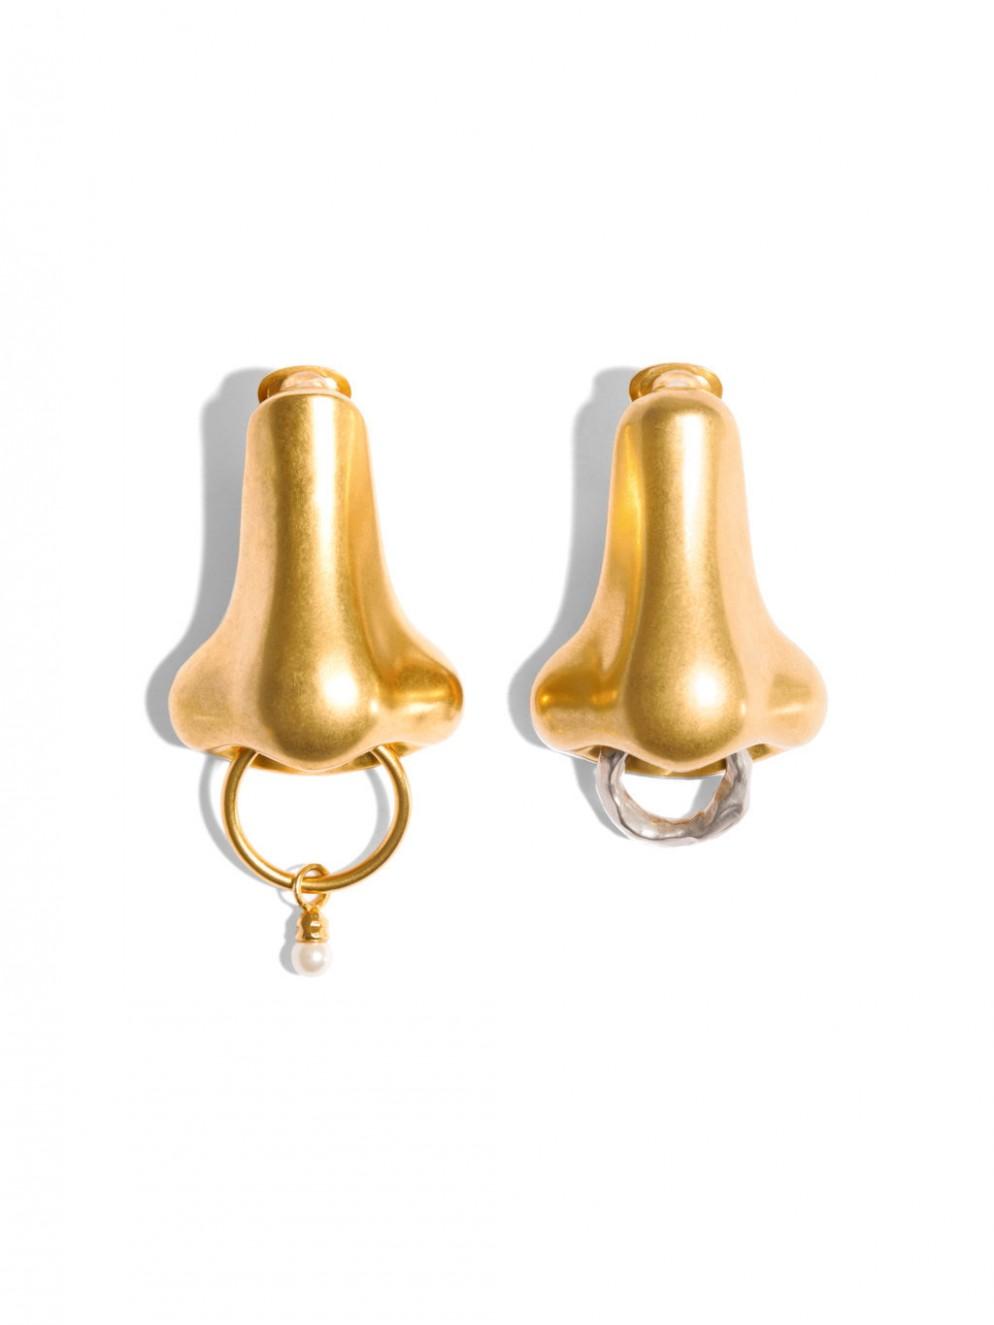 gioielli elsa schiaparelli (11)